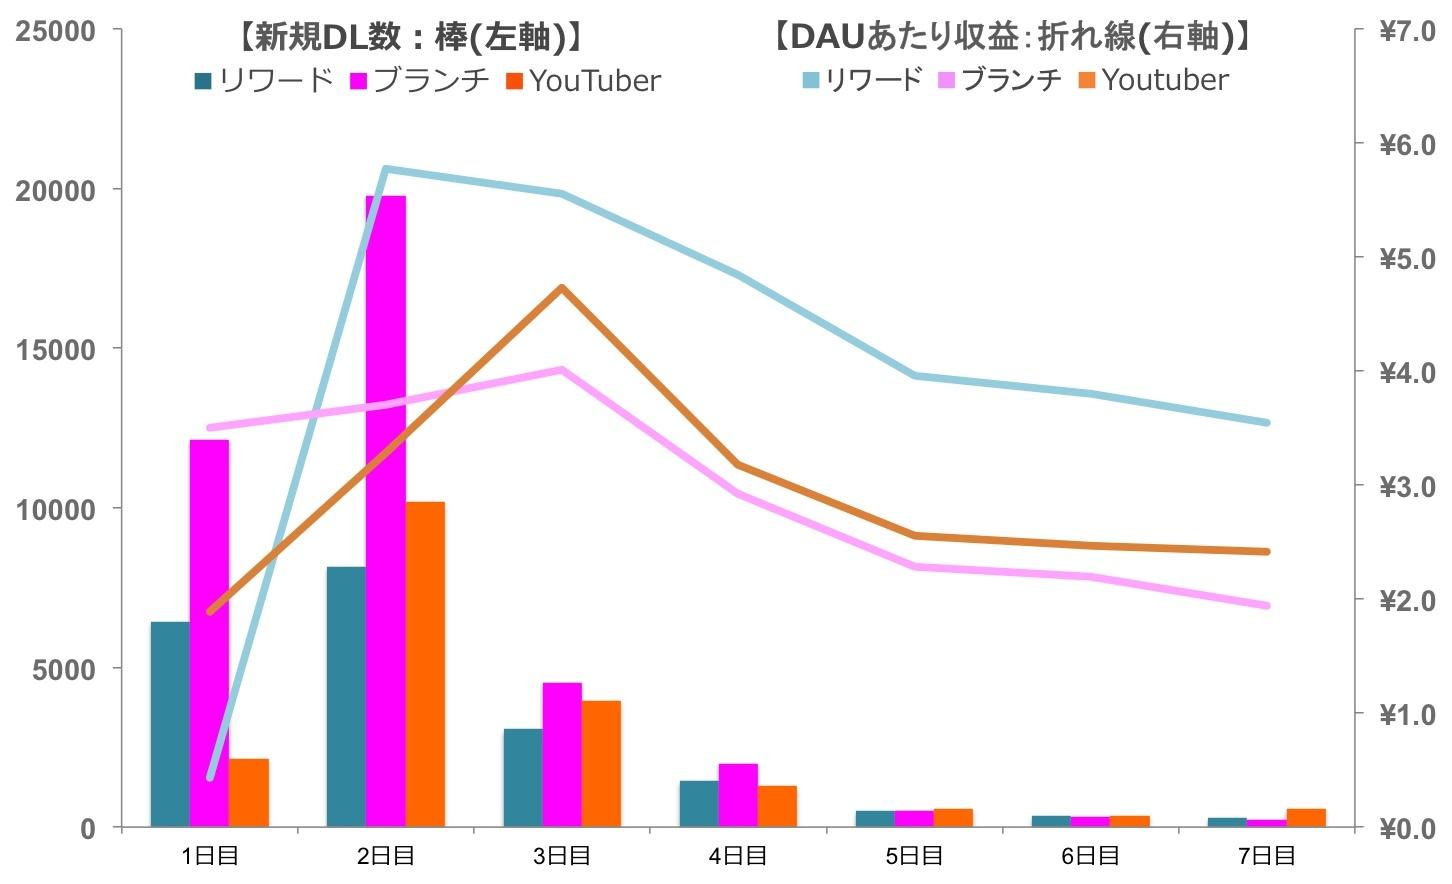 DL × DAUあたり収益から読み取れる傾向